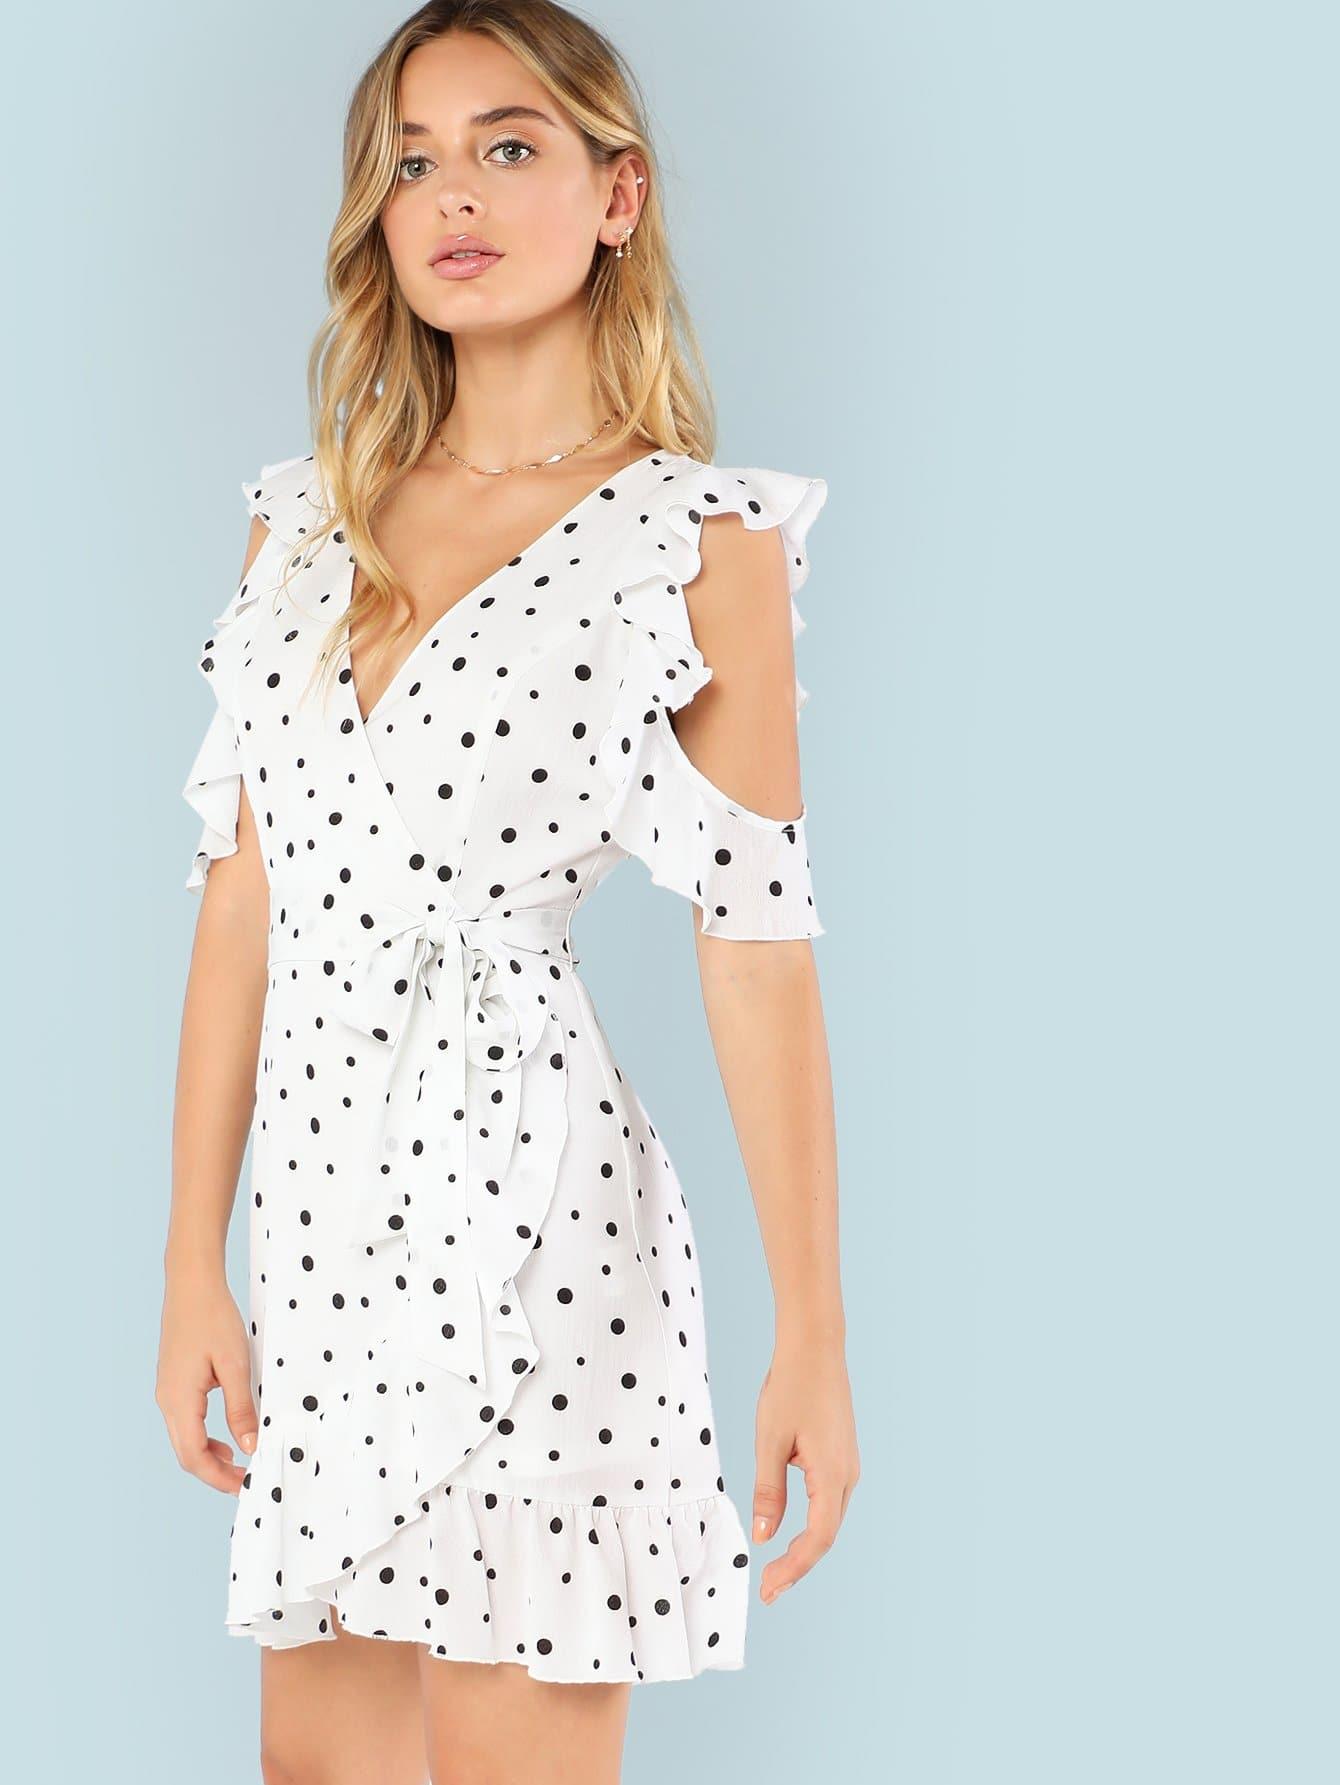 Open Shoulder Ruffle Embellished Overlap Dress one shoulder ruffle embellished dress